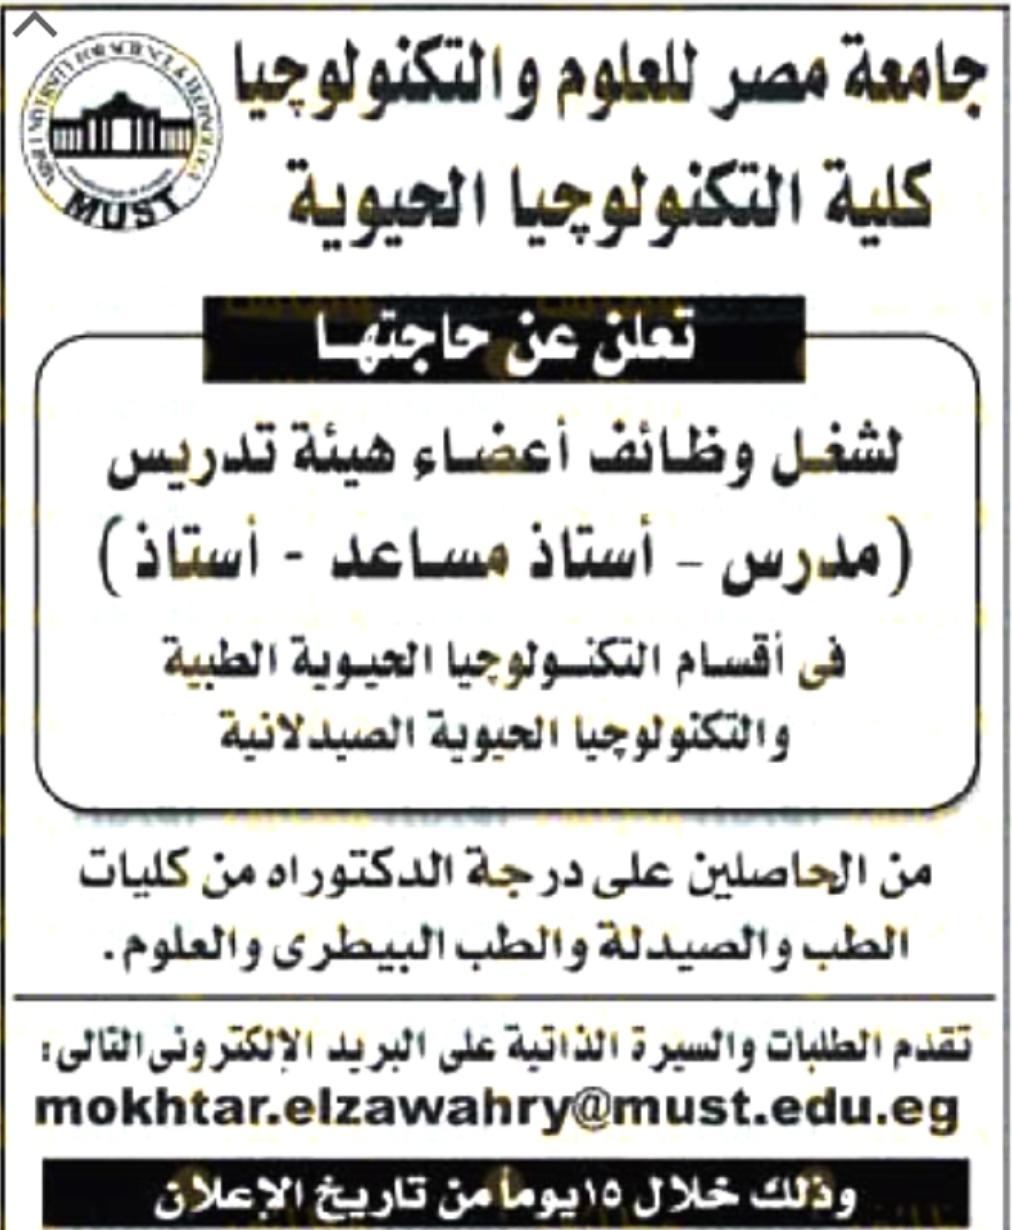 وظائف اهرام الجمعة 23/10/2020 العدد الاسبوعي 7